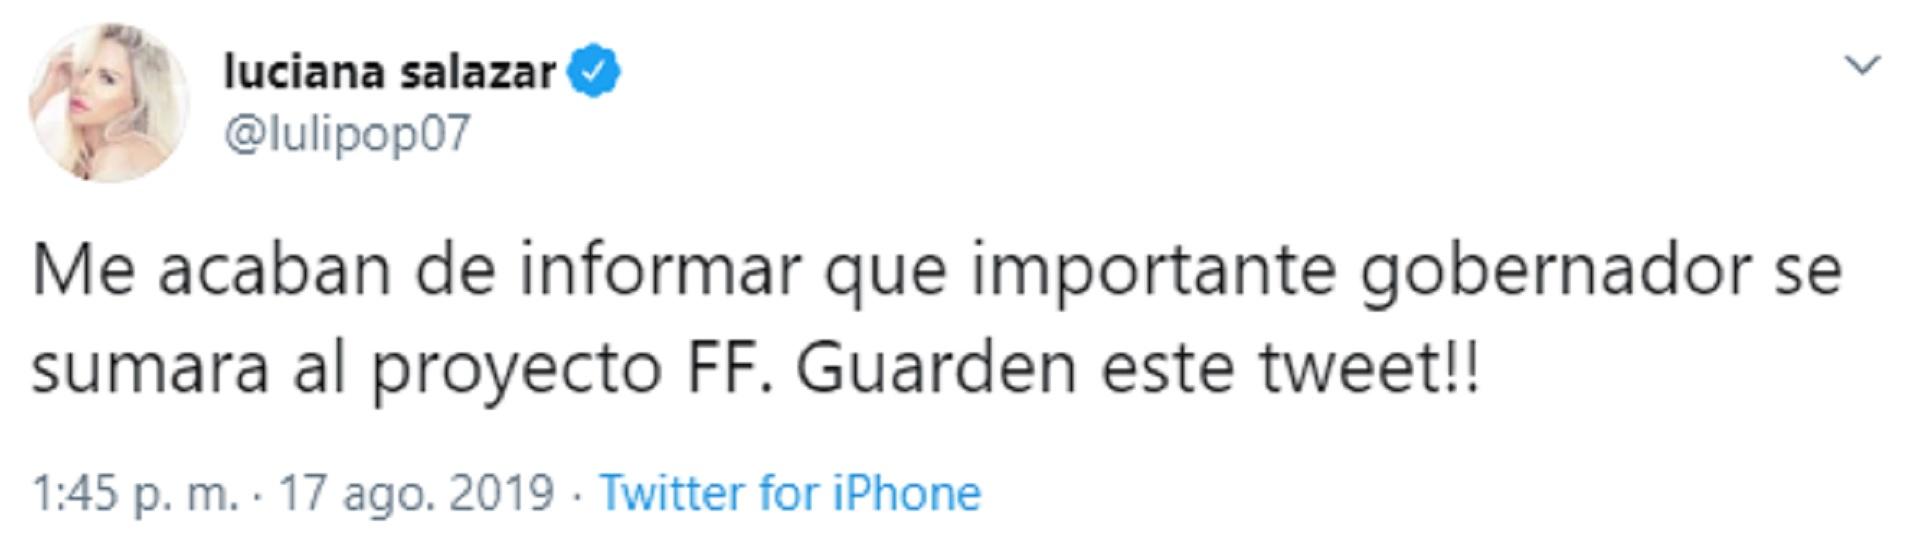 En el último tiempo es habitual encontrar distintos tuits de Luciana Salazar sobre política